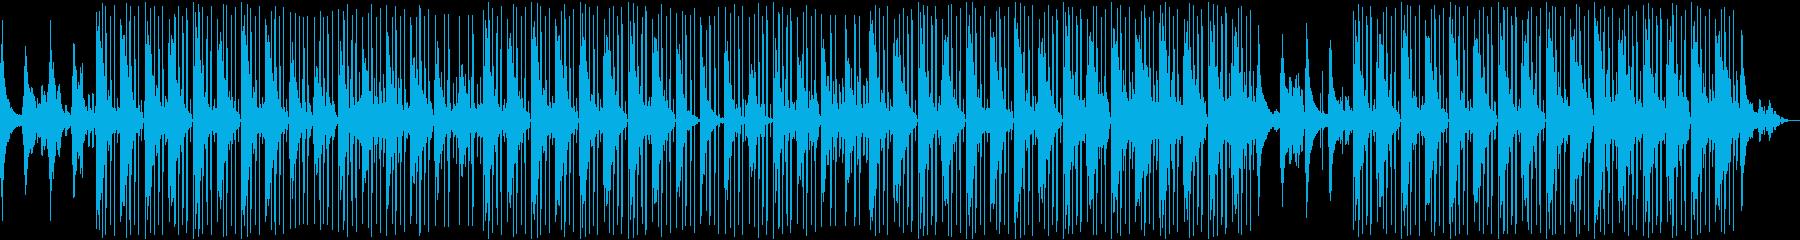 ローファイ、ギター、チルアウト、VLOGの再生済みの波形